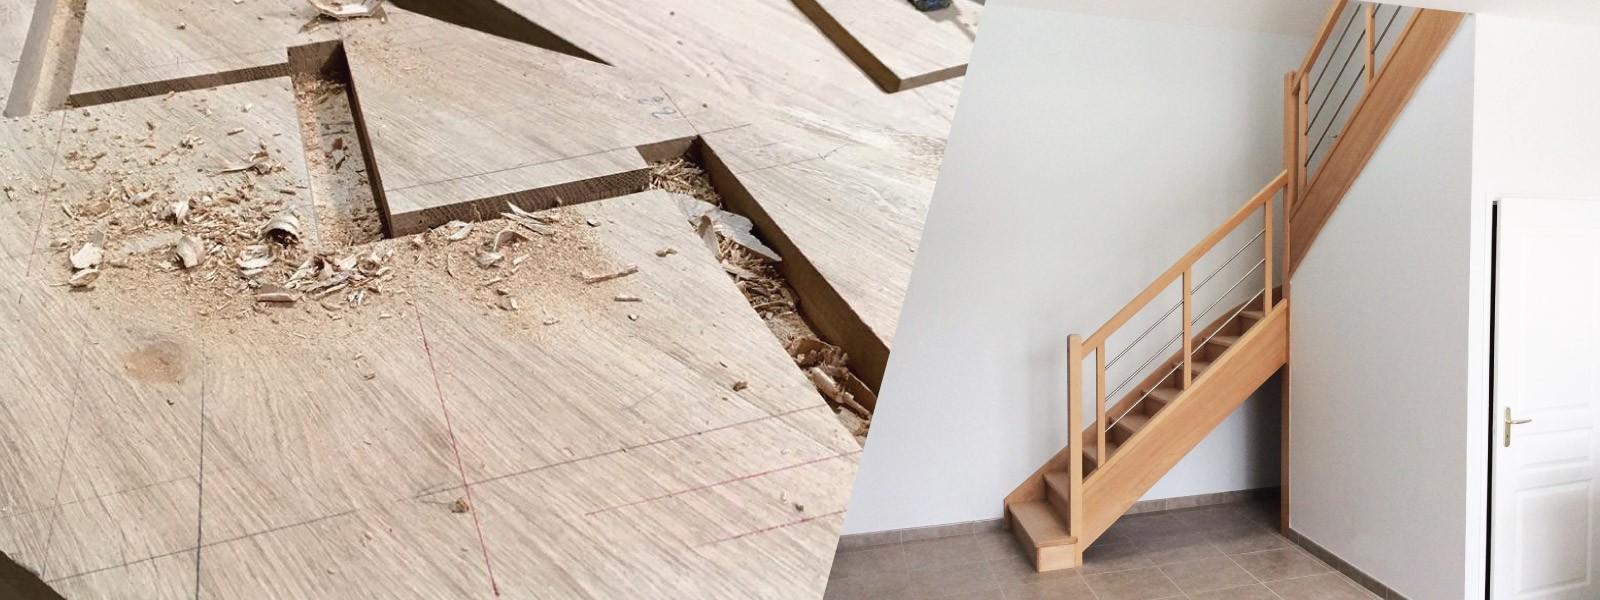 Fabricant français d'escaliers sur mesure bois métal et verre